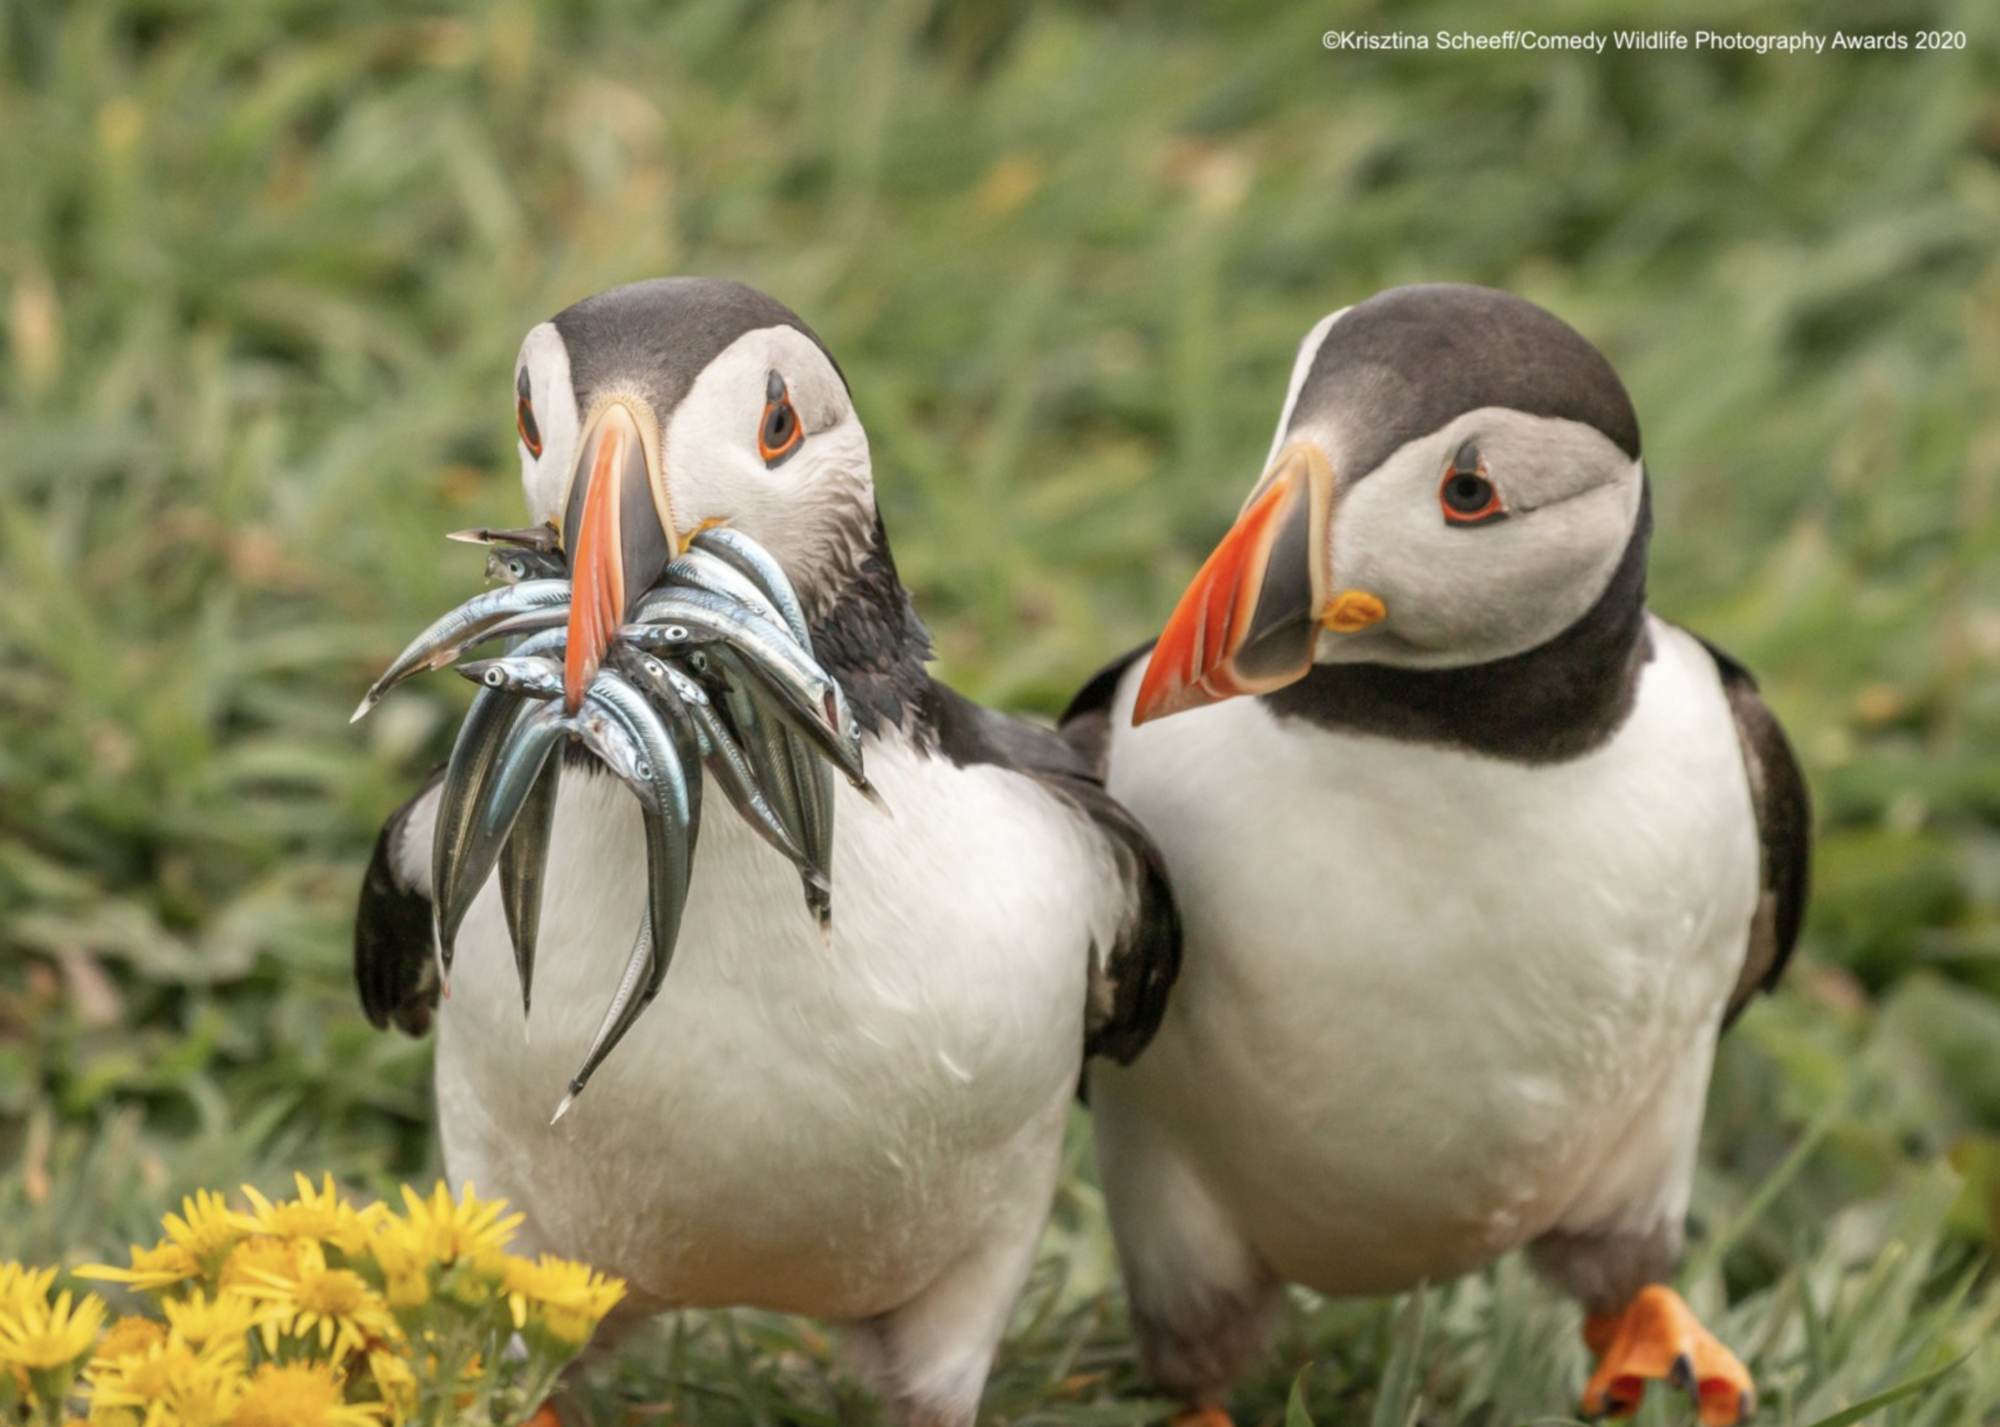 Птичка завидует добычи друга